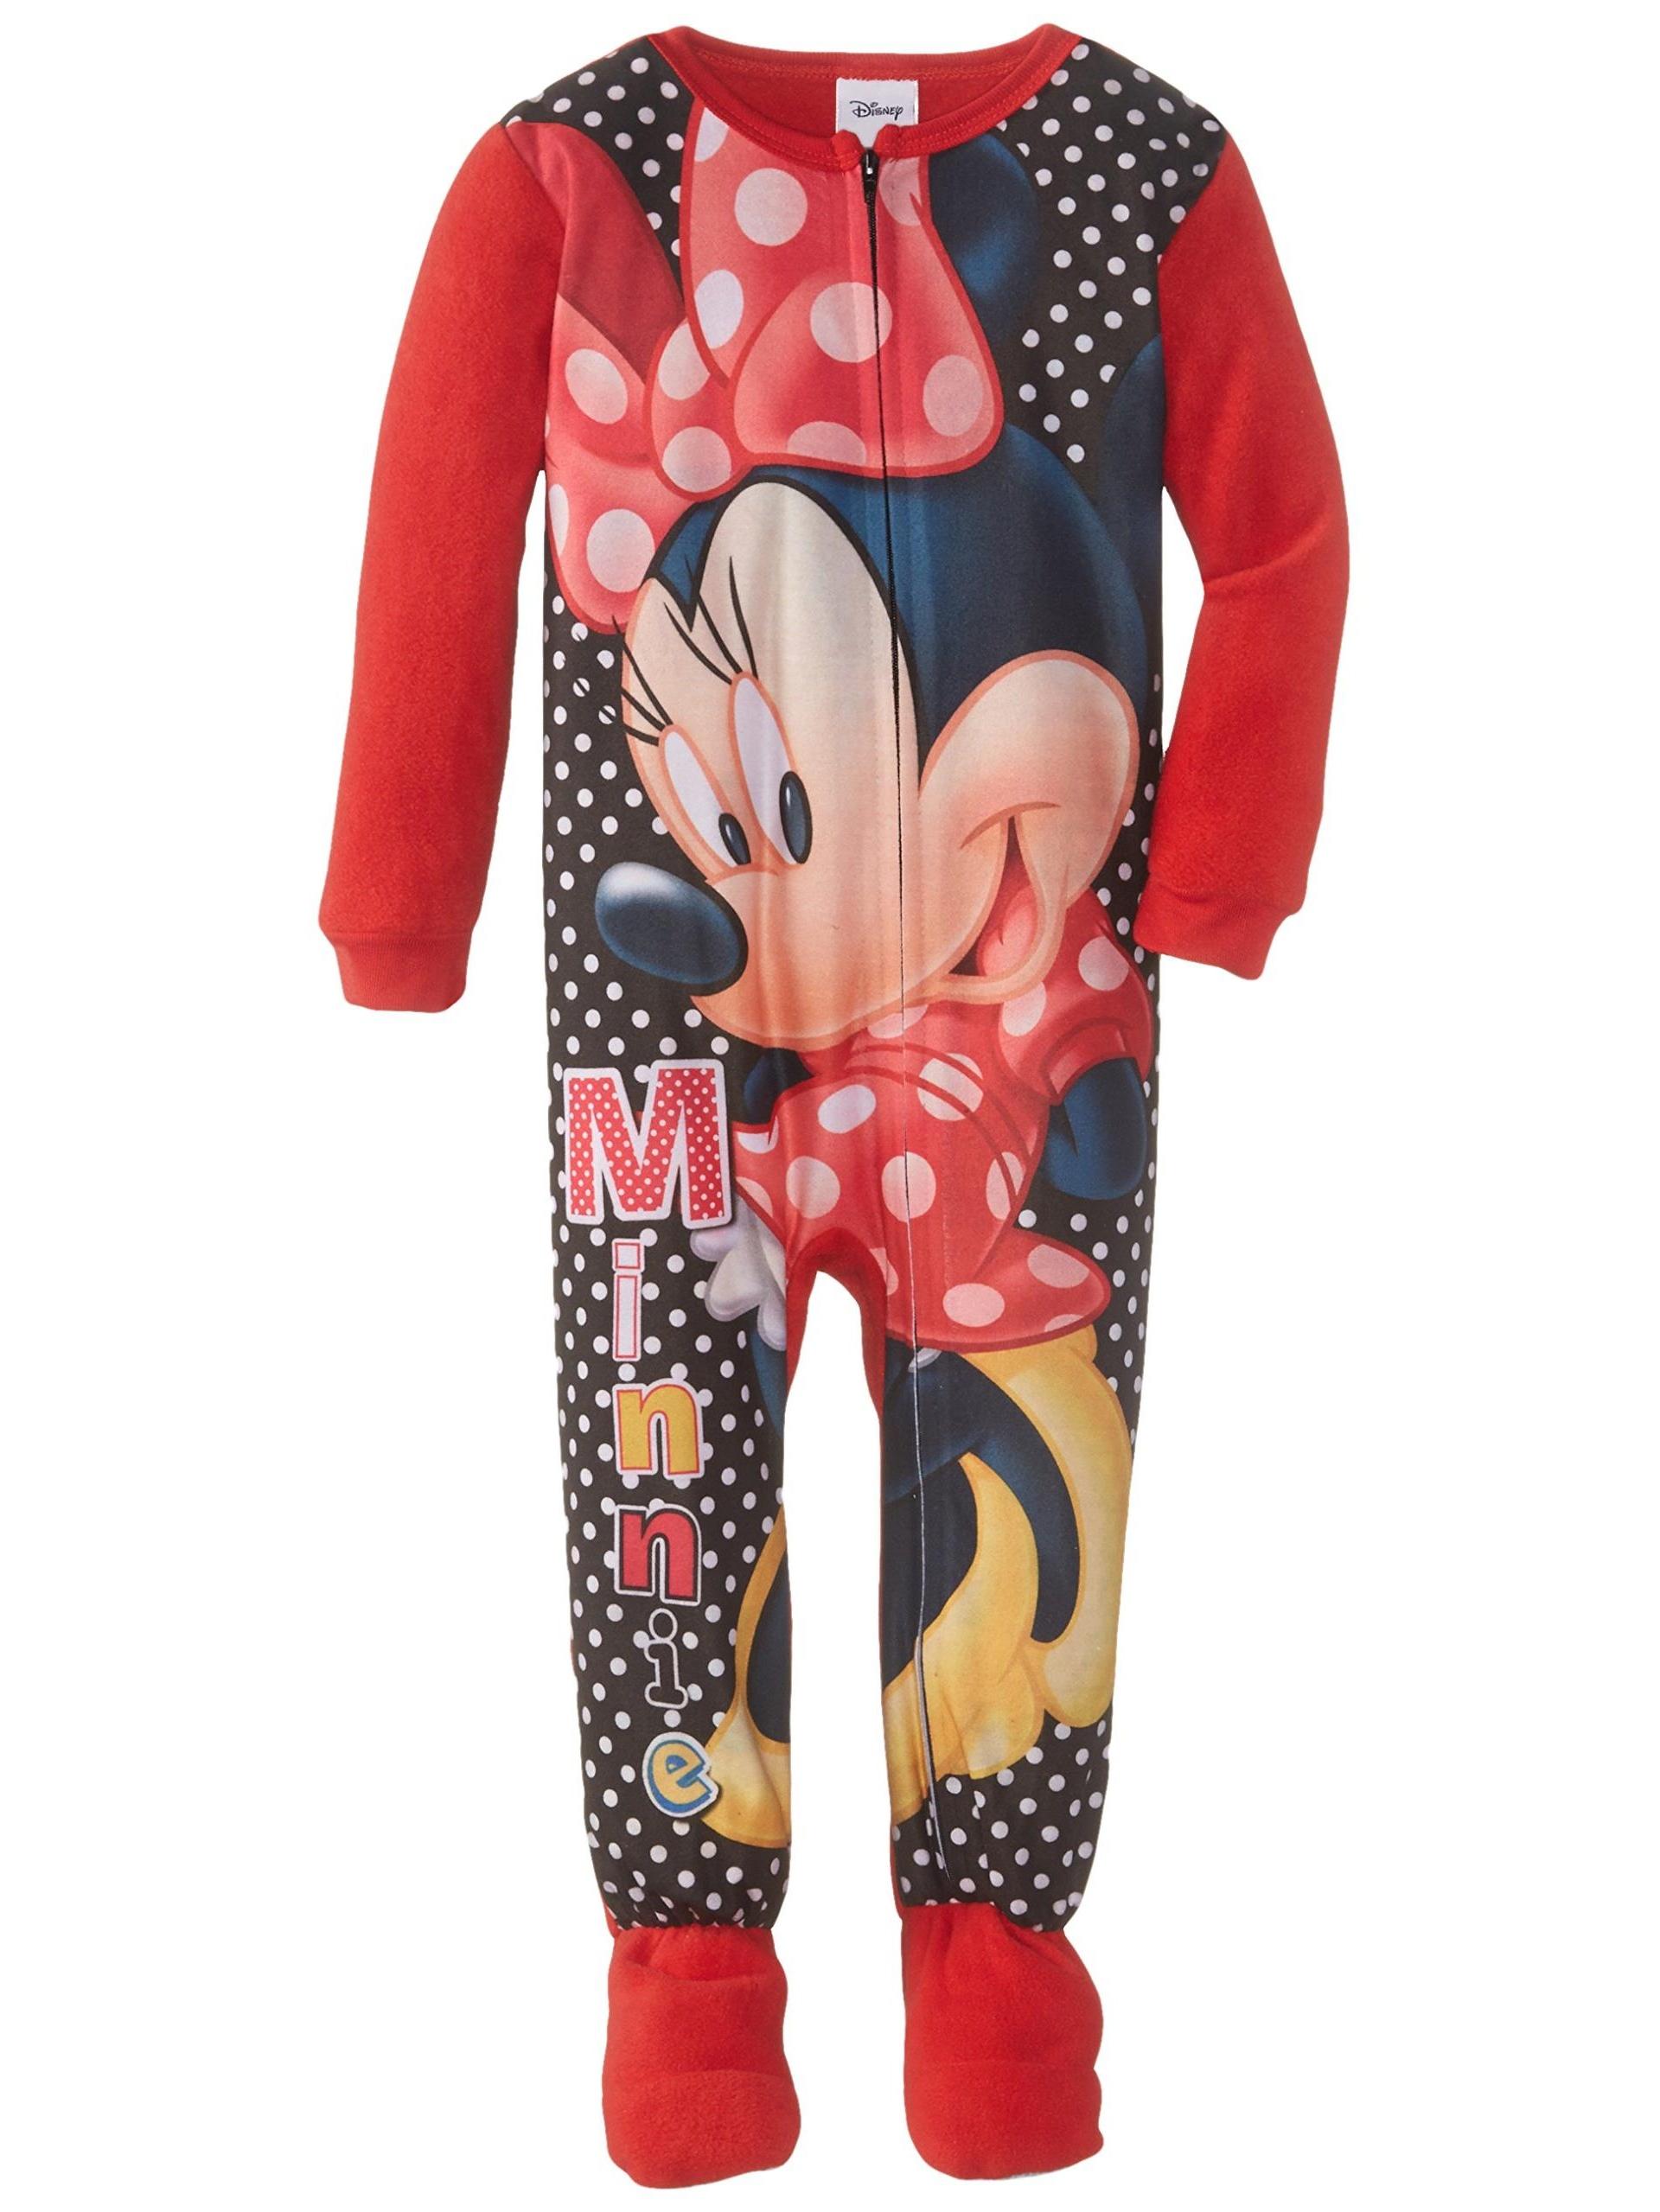 Disney Girls'  Minnie Mouse Hooded Blanket Sleeper Pajama Onesie